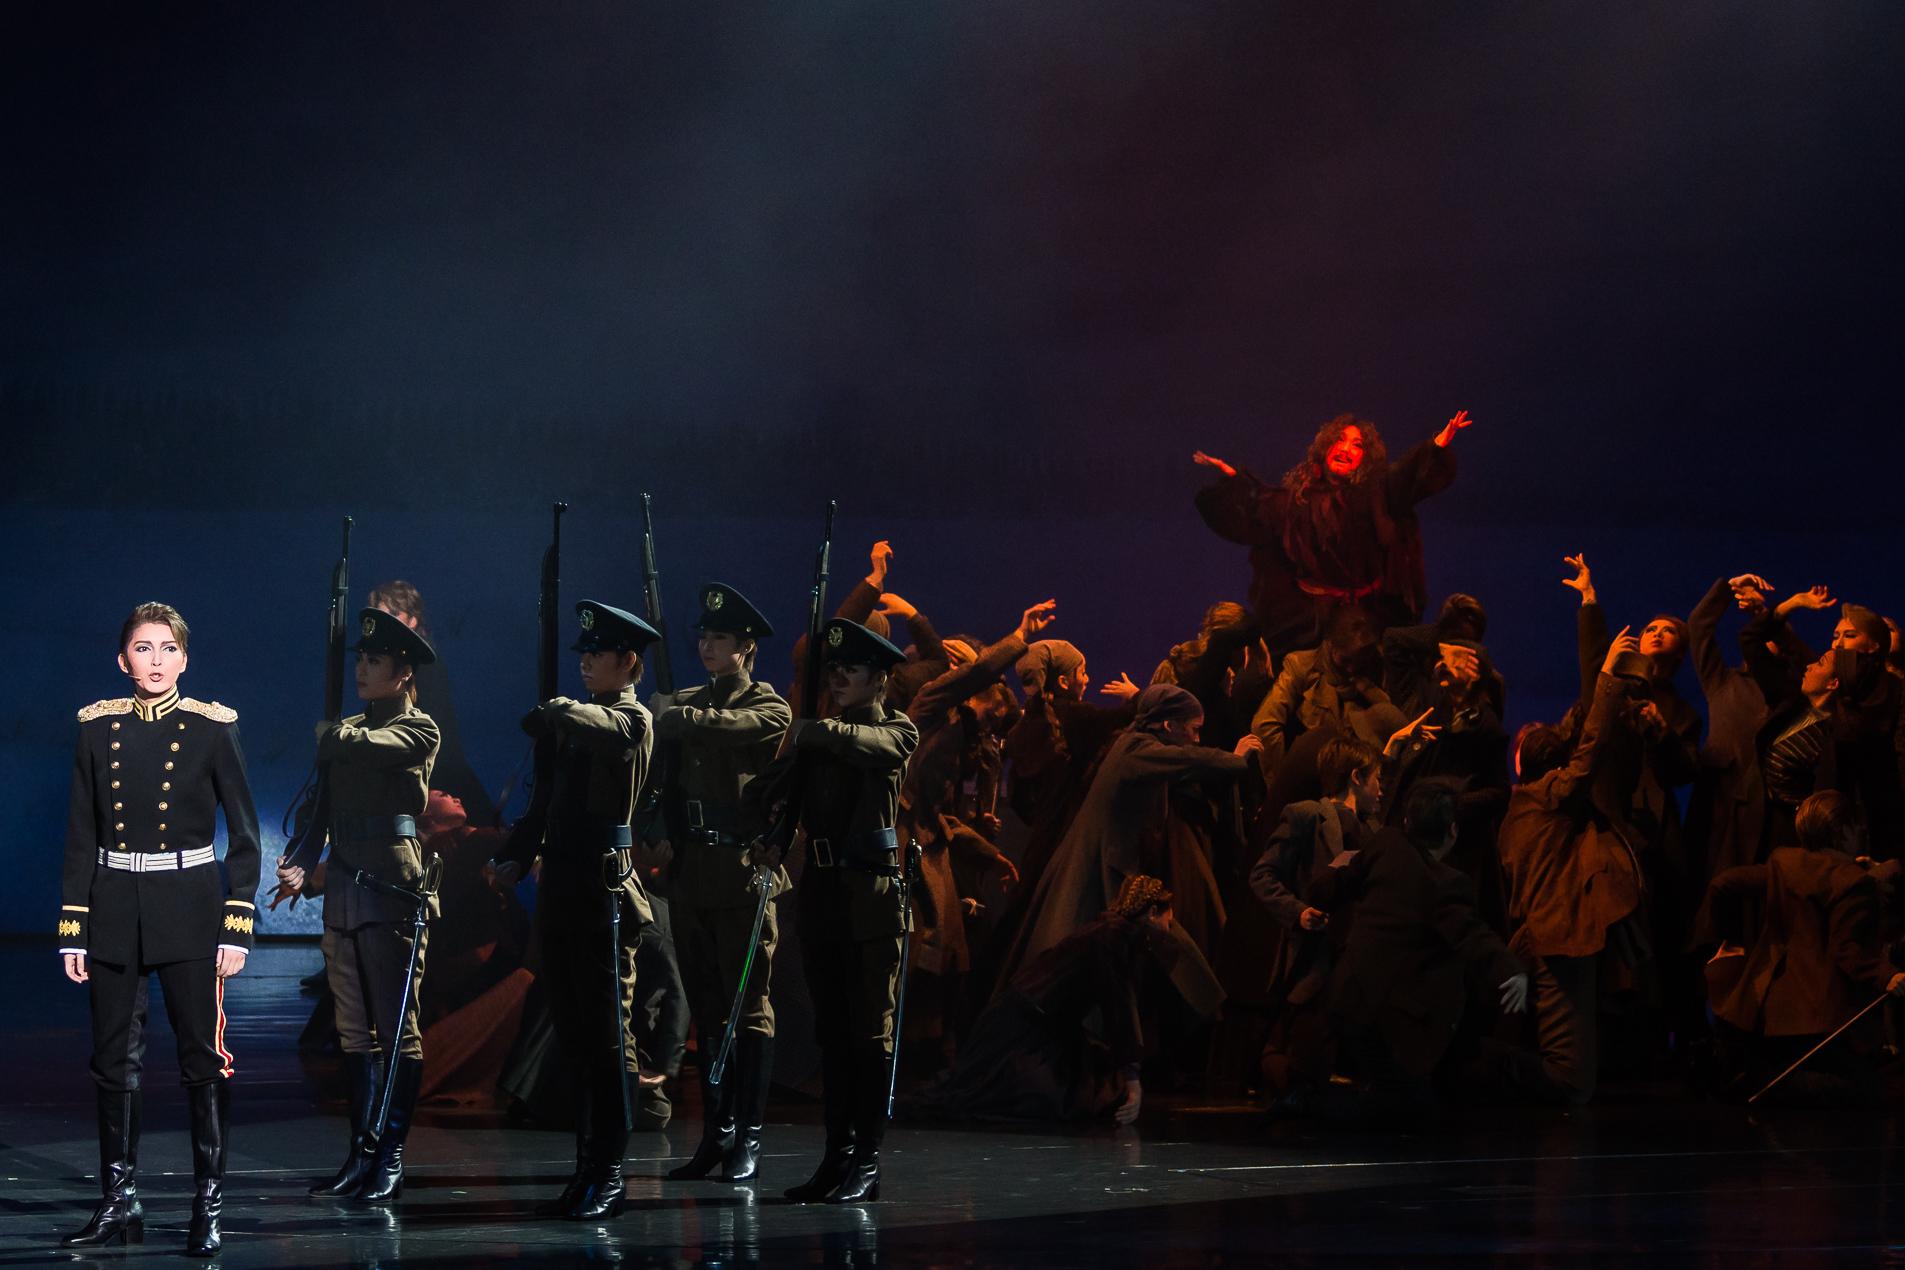 ミュージカル・プレイ『神々の土地』~ロマノフたちの黄昏~(c)宝塚歌劇団